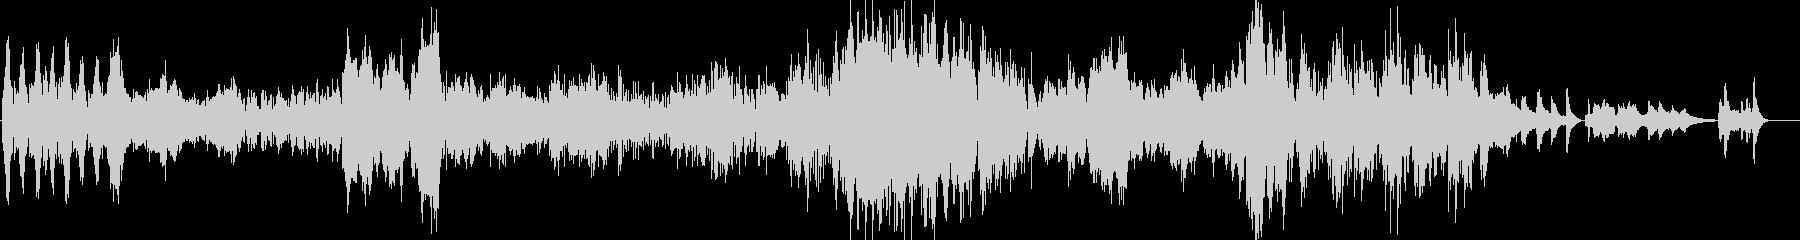 わくわくでいっぱいのピアノ曲の未再生の波形